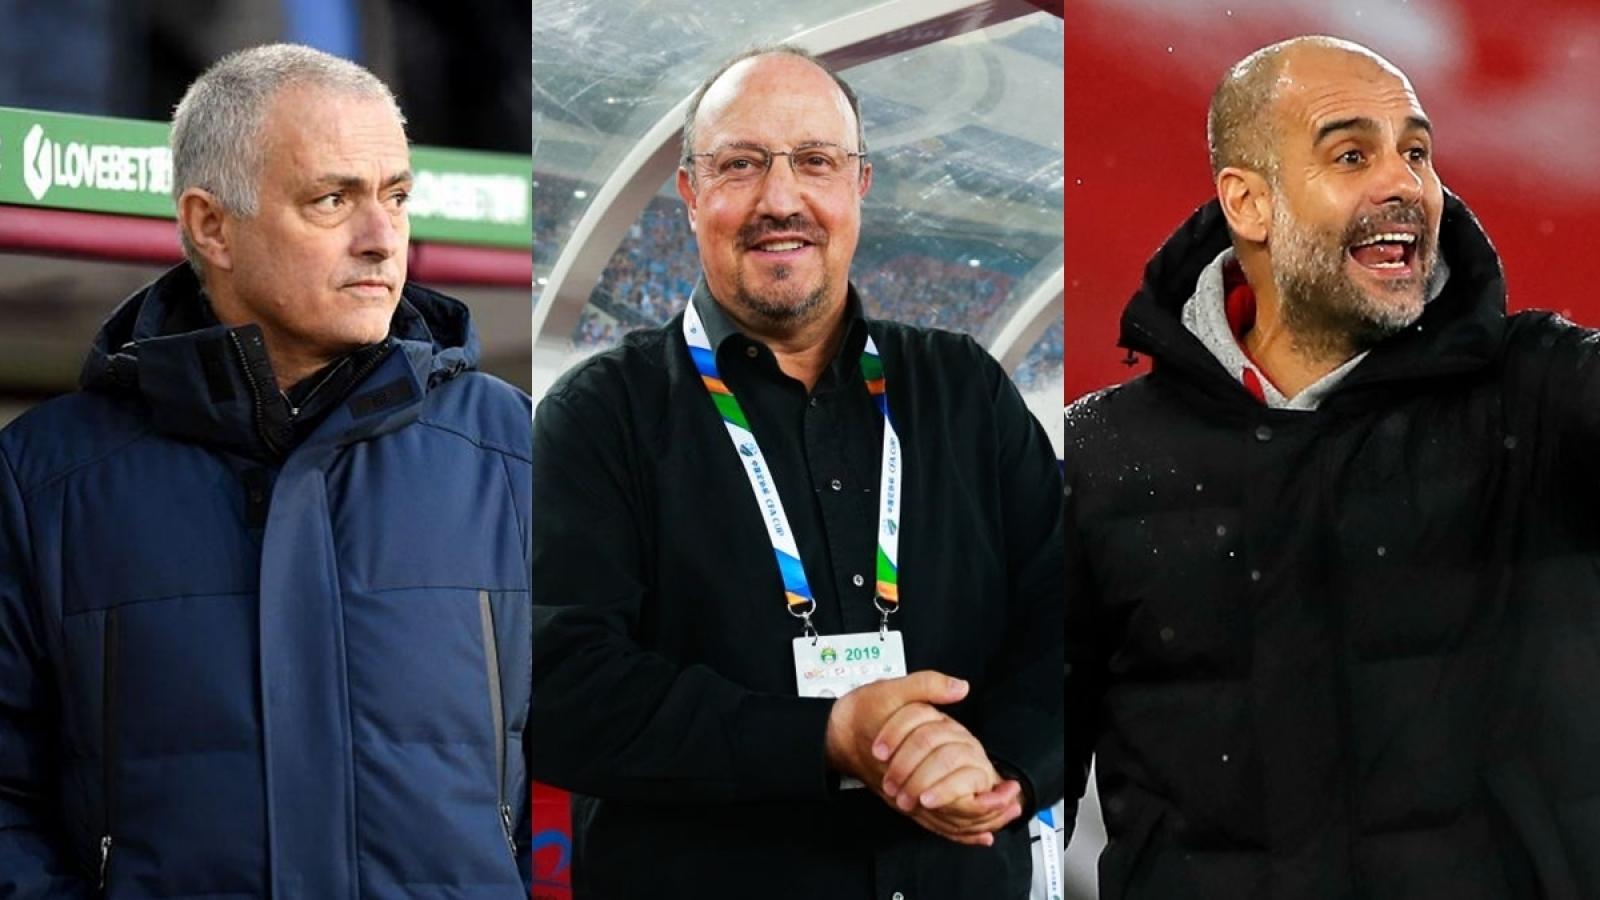 Top 10 HLV hưởng lương cao nhất thế giới: Mourinho kém xa Simeone